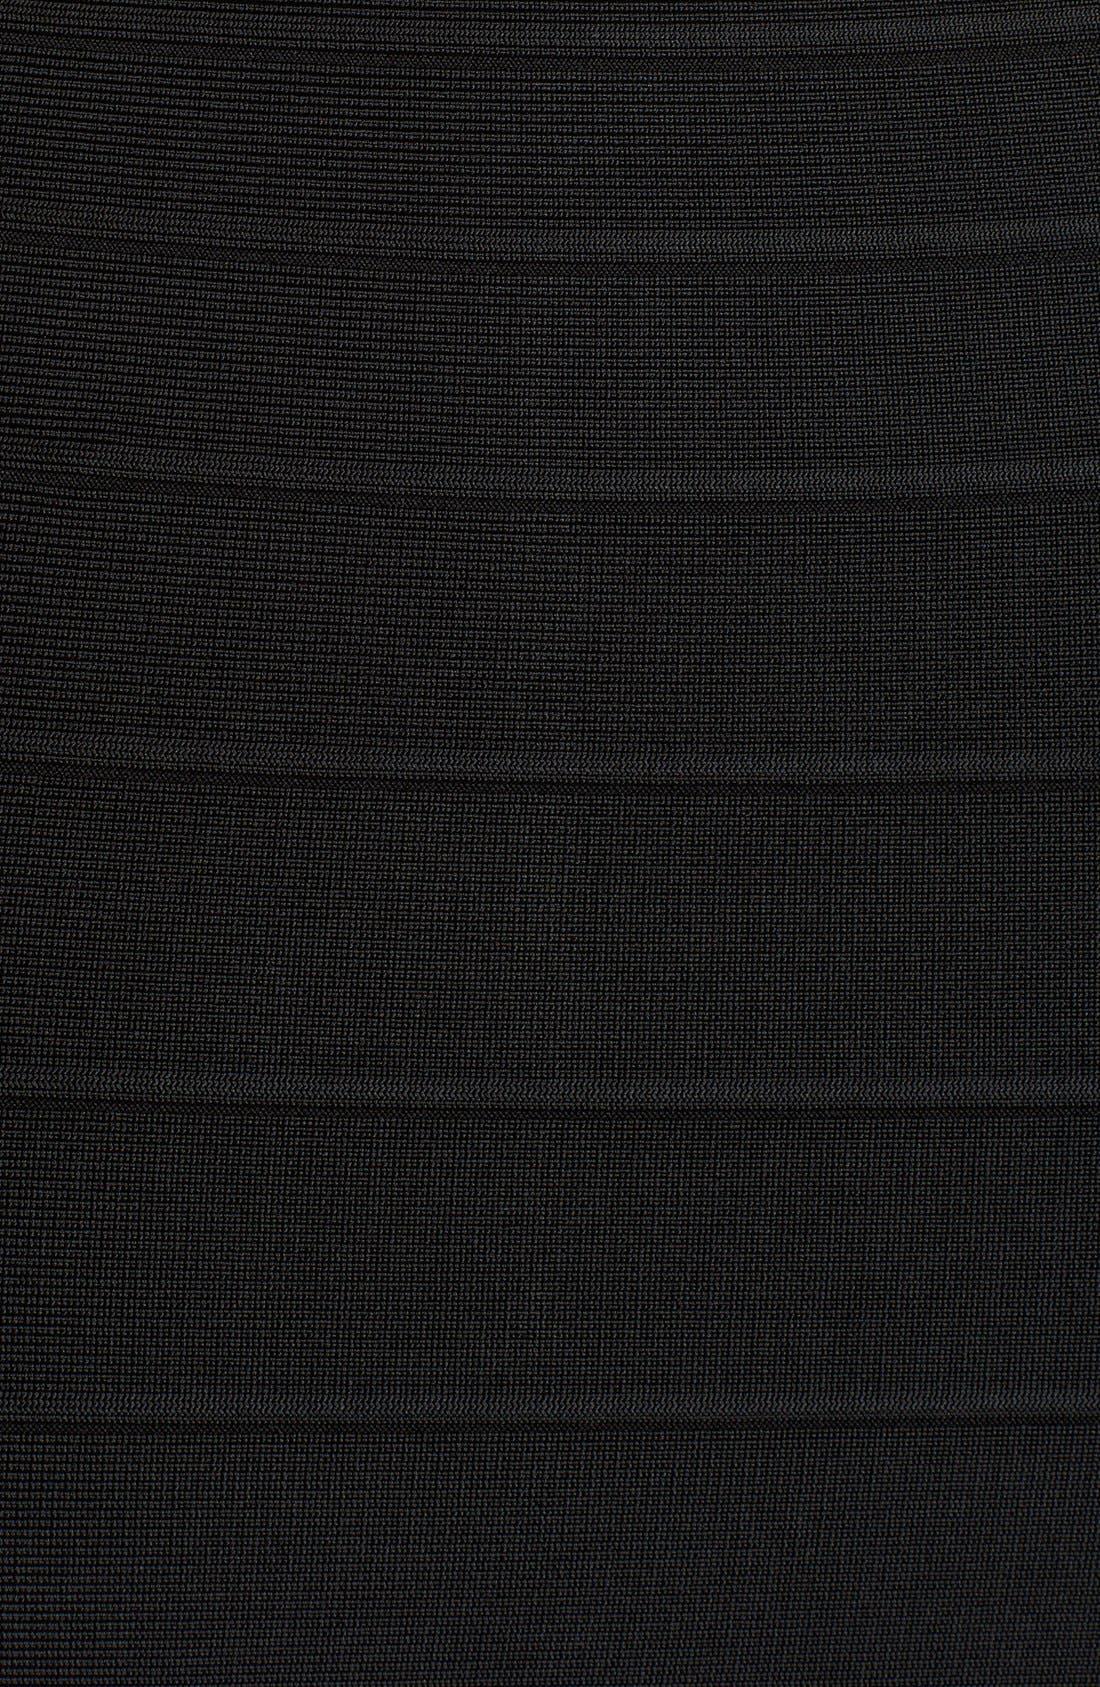 'Katrina' Mesh Inset Body-Con Bandage Dress,                             Alternate thumbnail 3, color,                             001